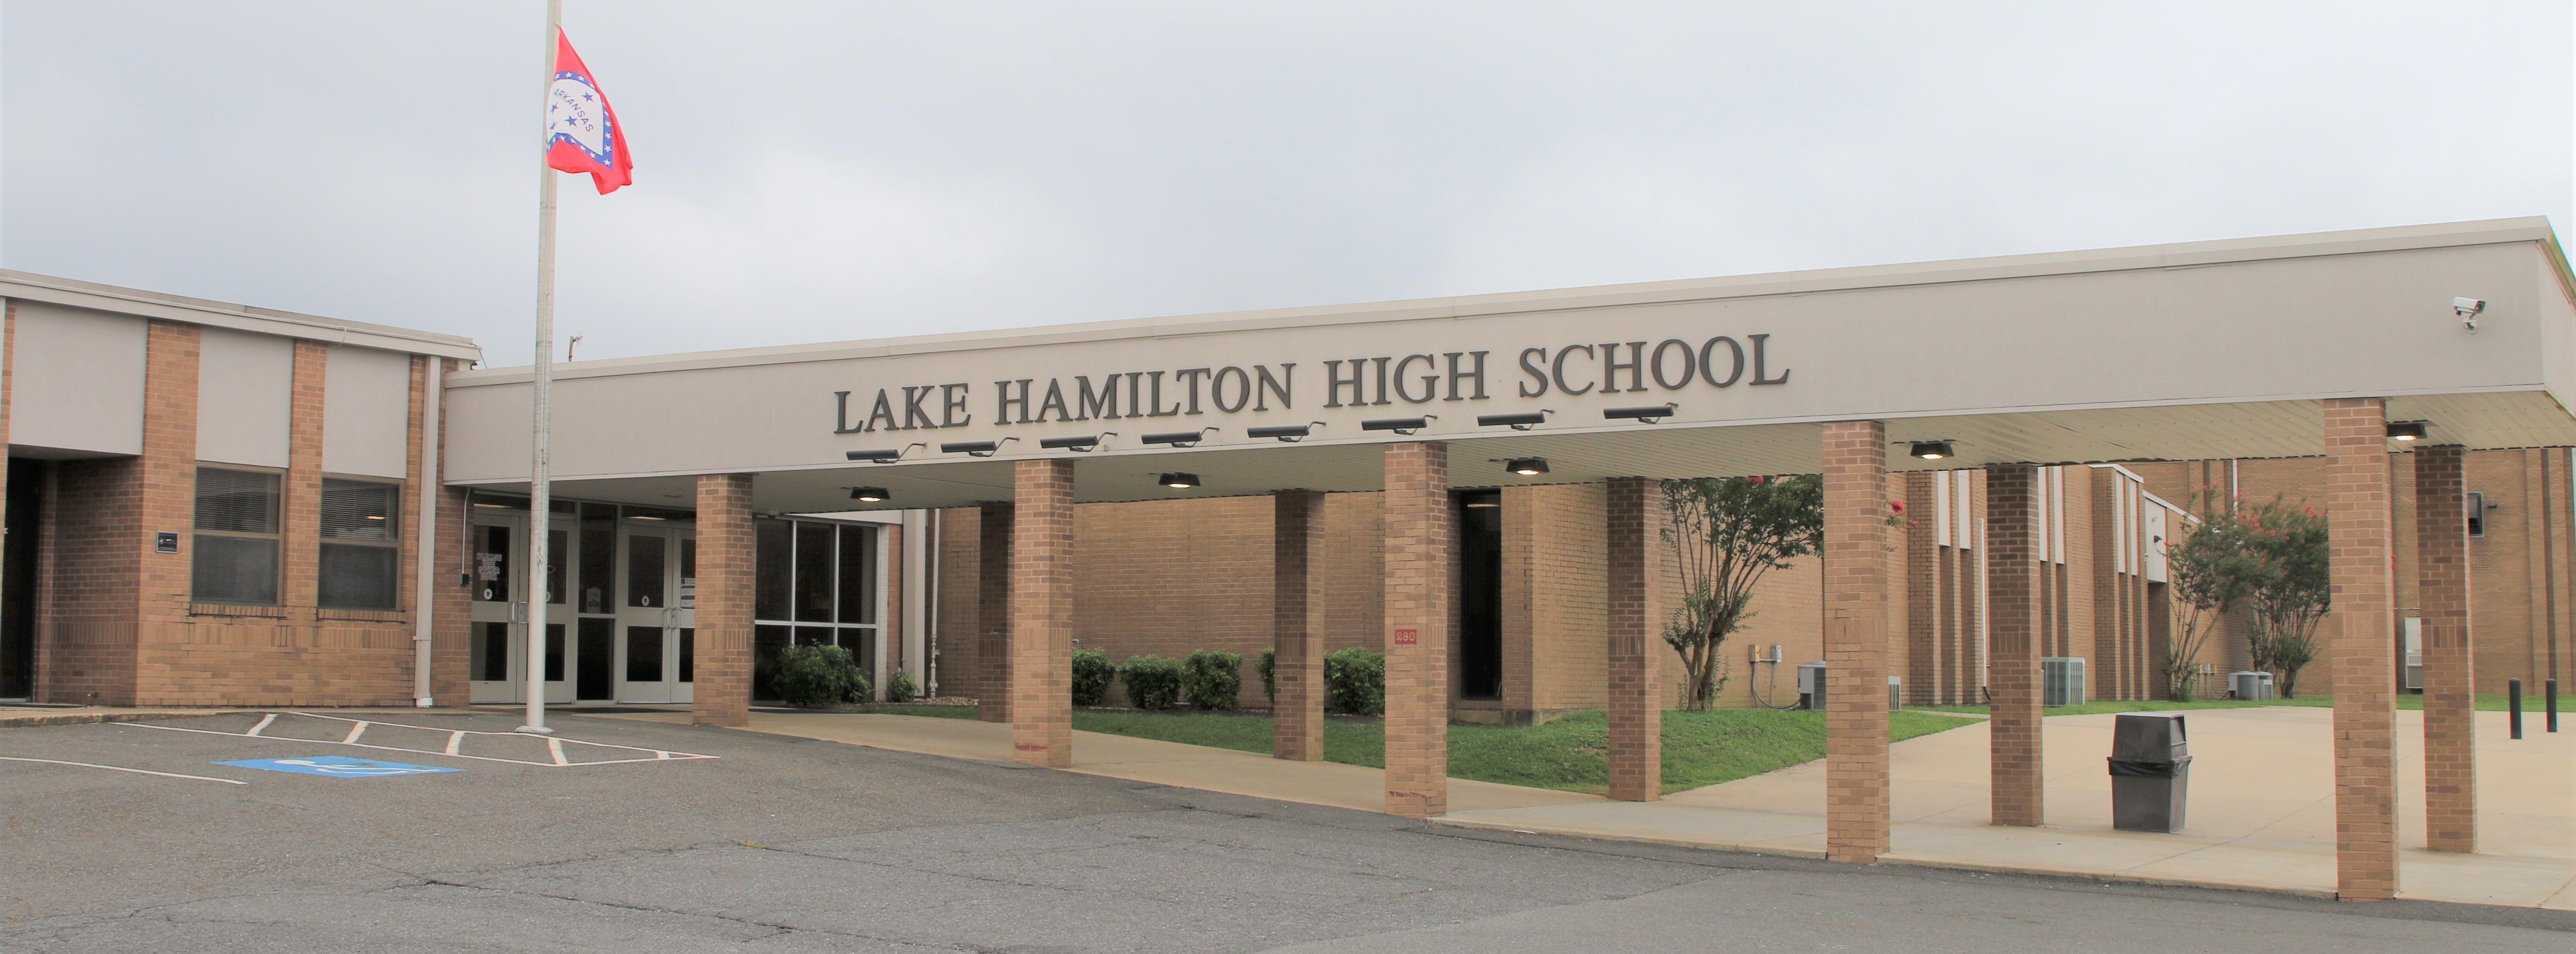 LH HGH SCHOOL